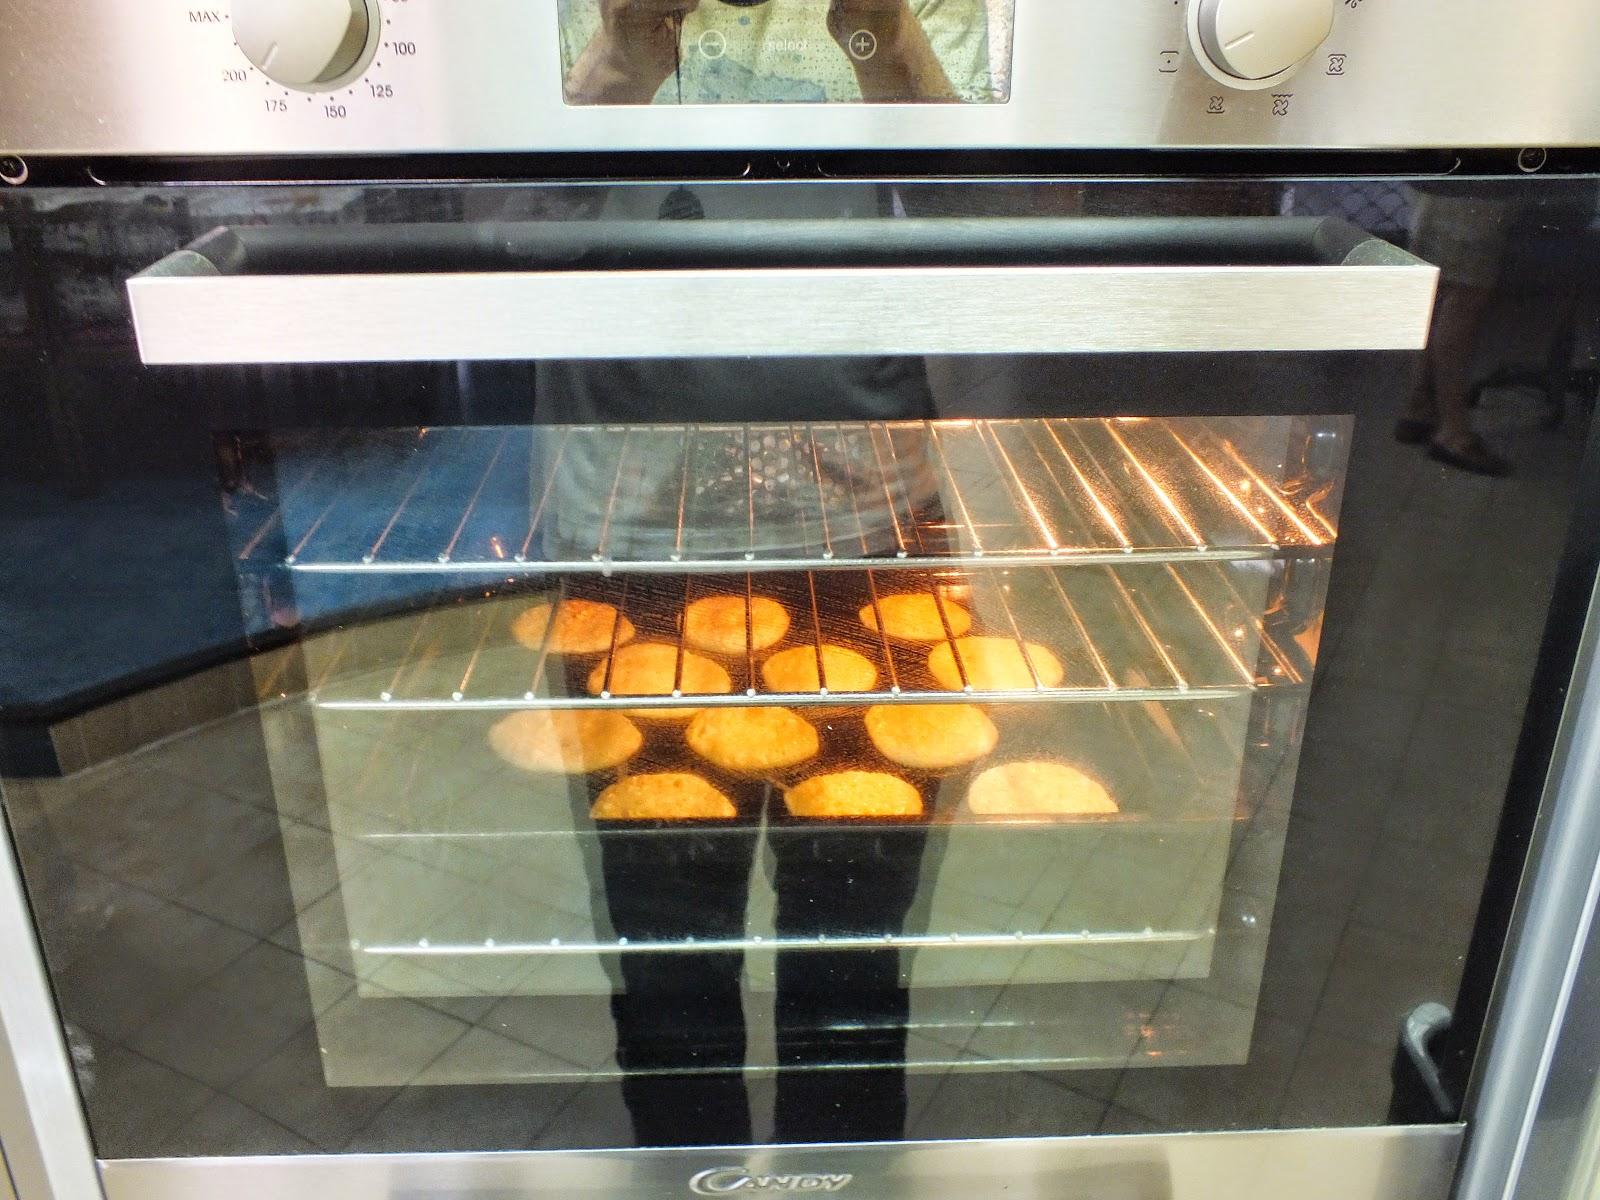 Escuela de cocina pako amor tejas de almendras - Escuela de cocina paco amor ...